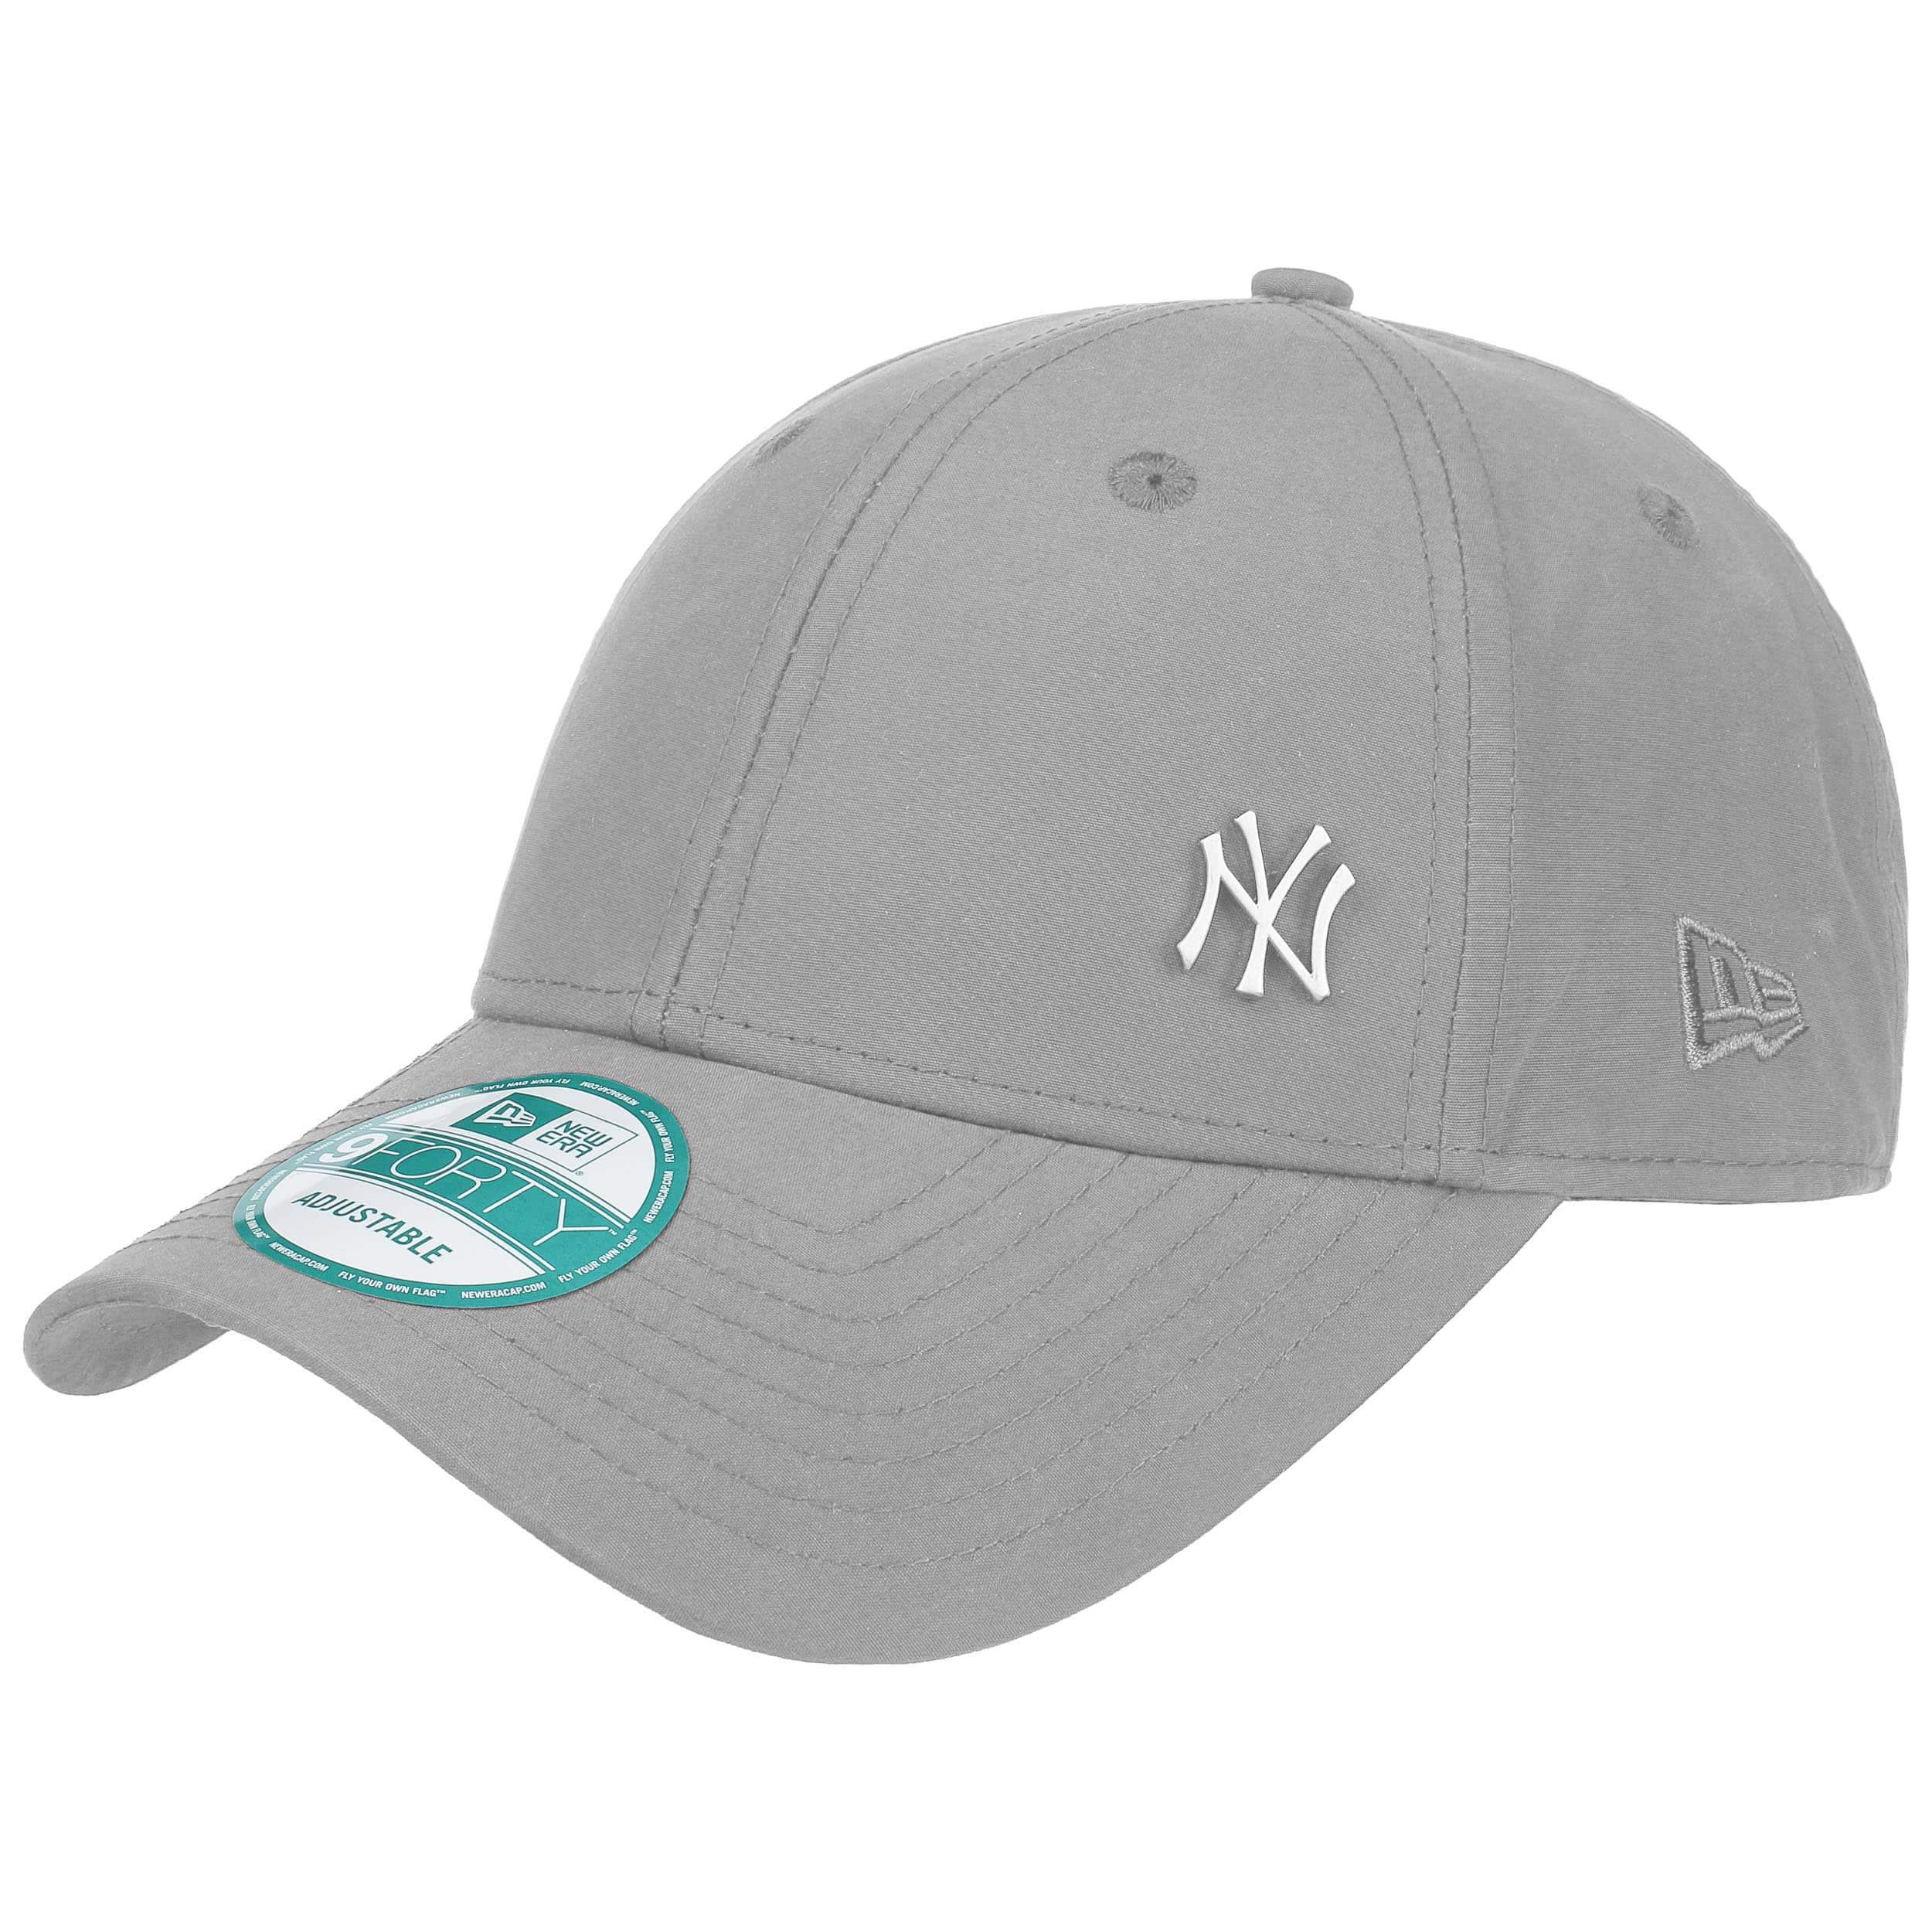 2f7b7276ad77 9Forty NY Yankees Strapback Cap. by New Era